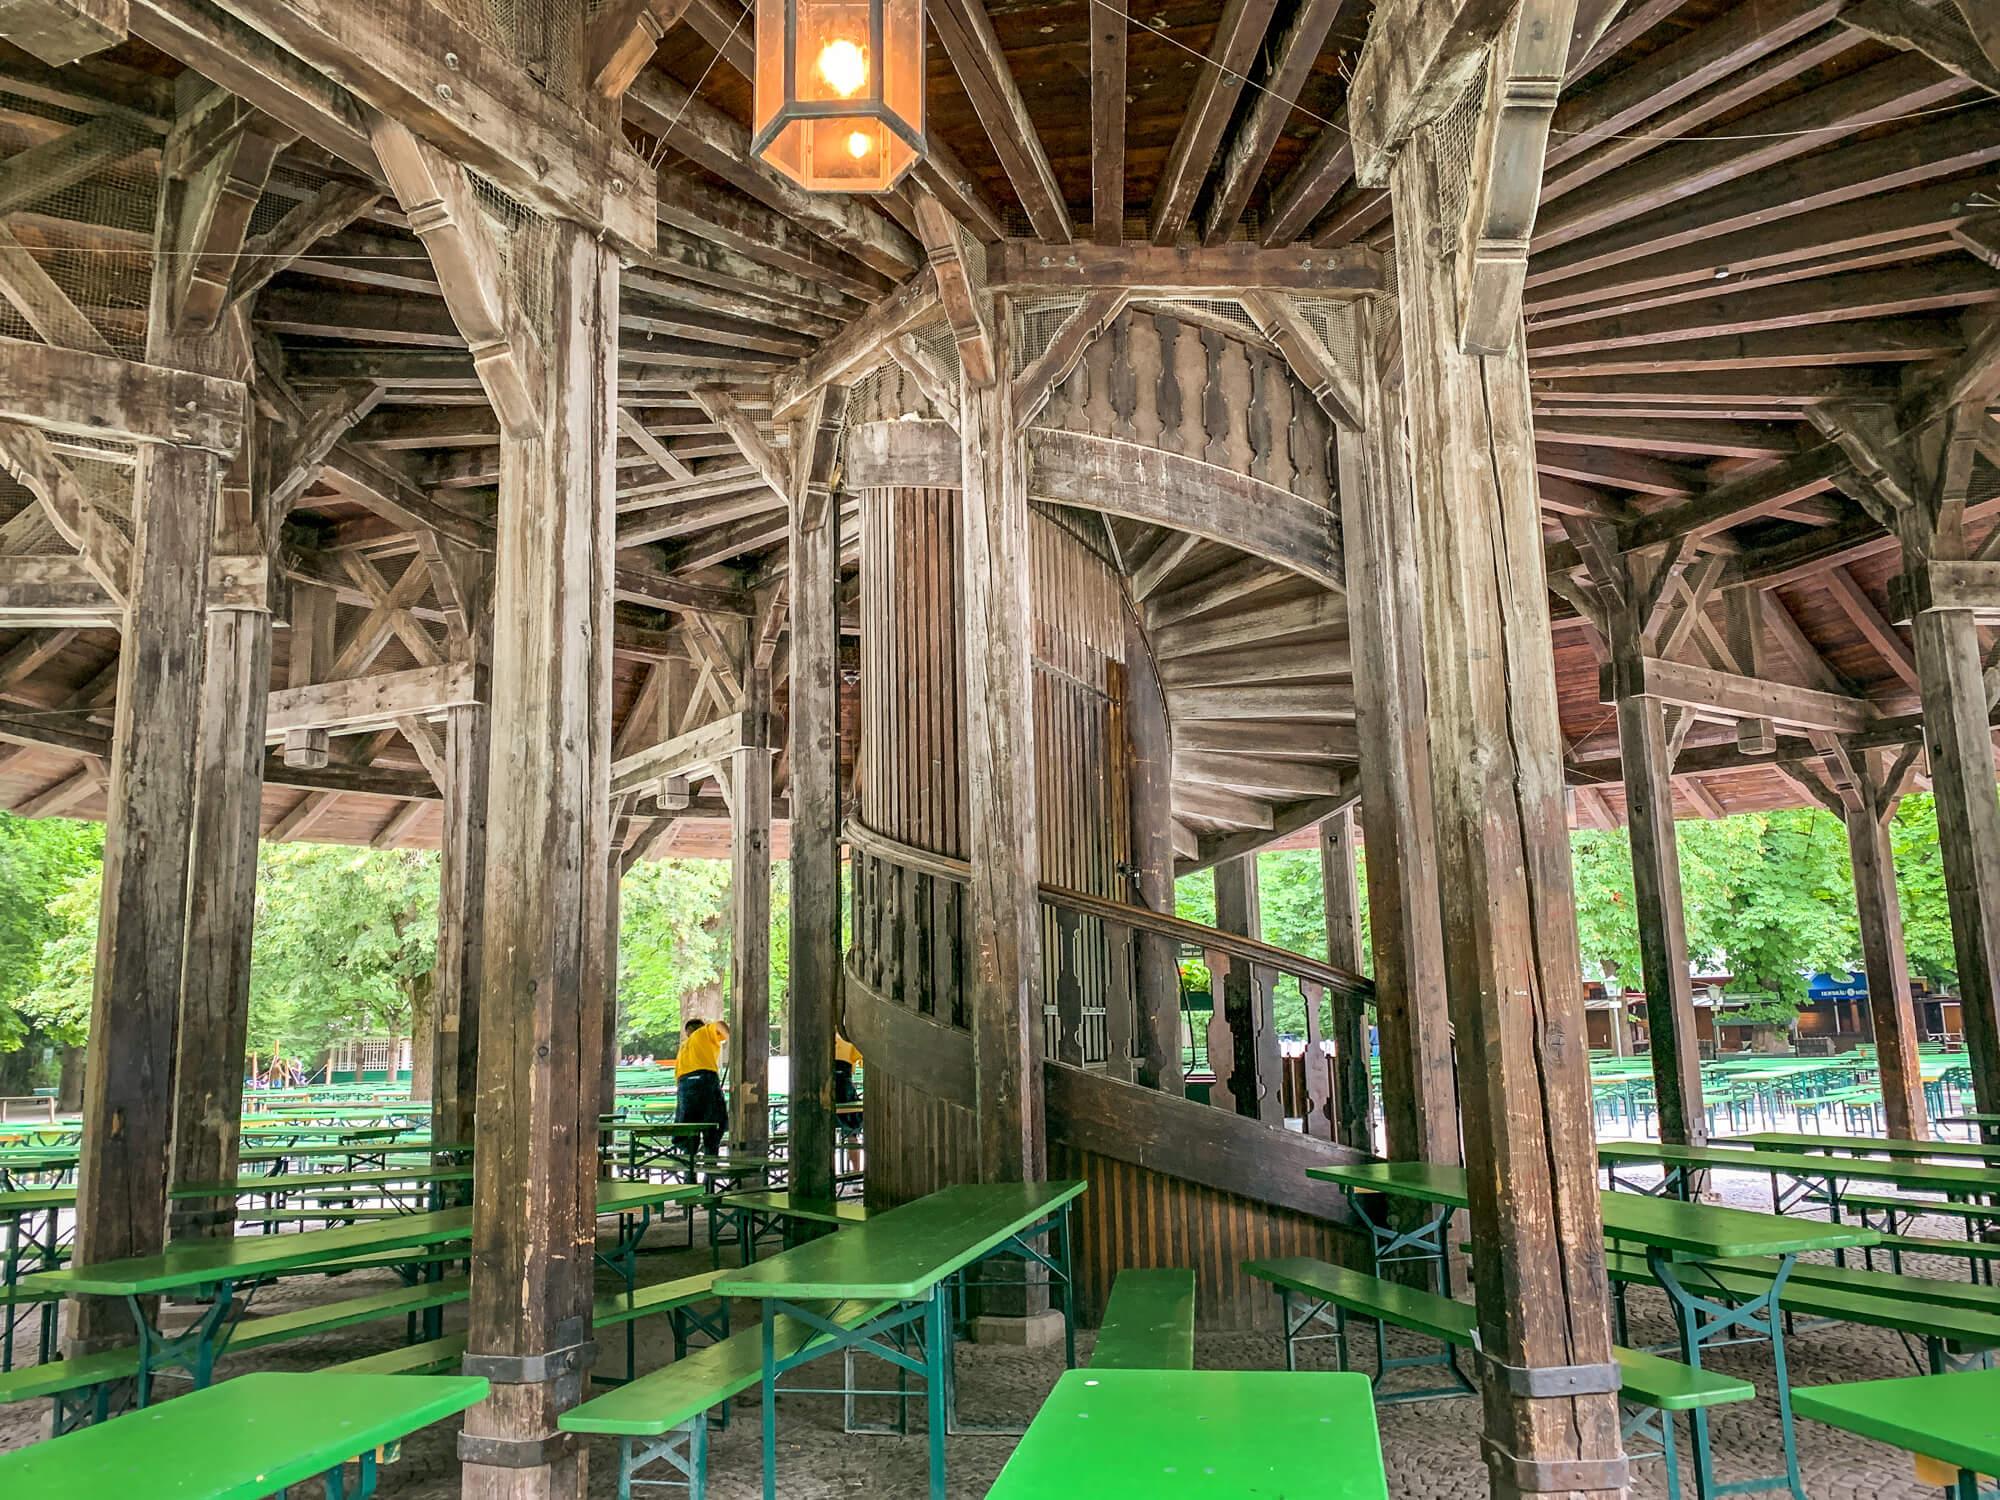 Englischer Garten beer garden tables